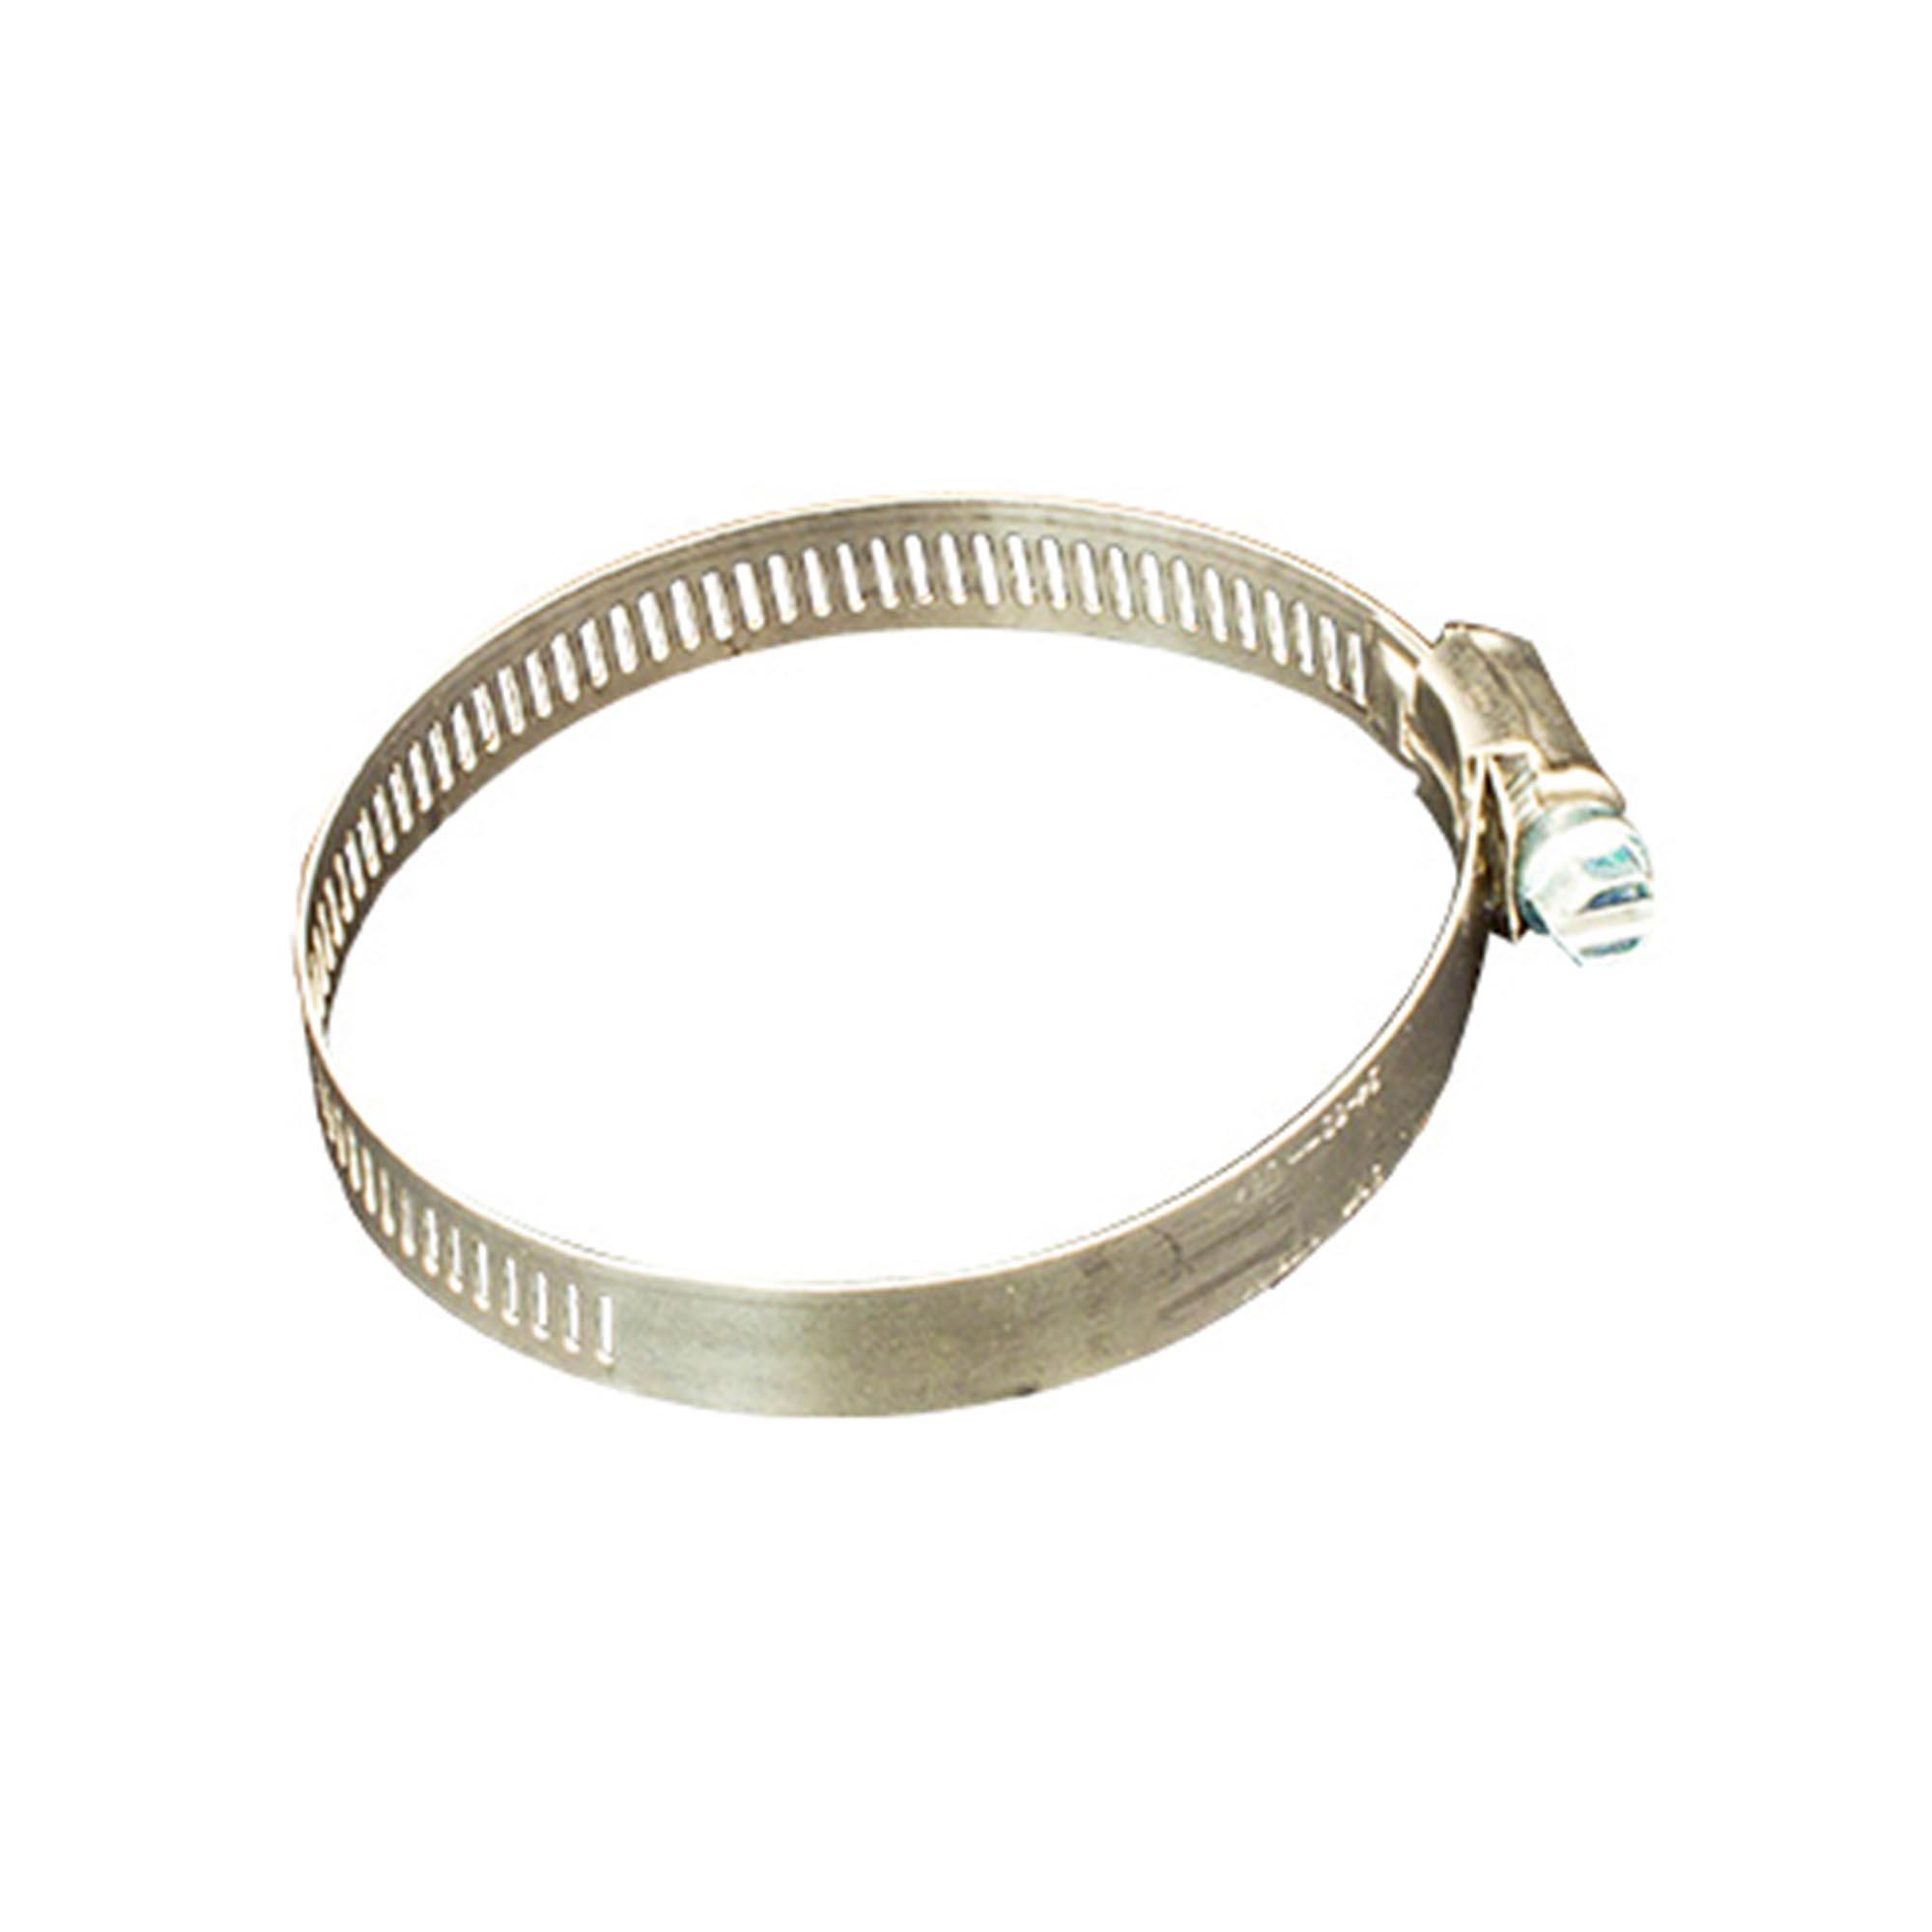 Model 6603 Hose clamp for sound muffling hose